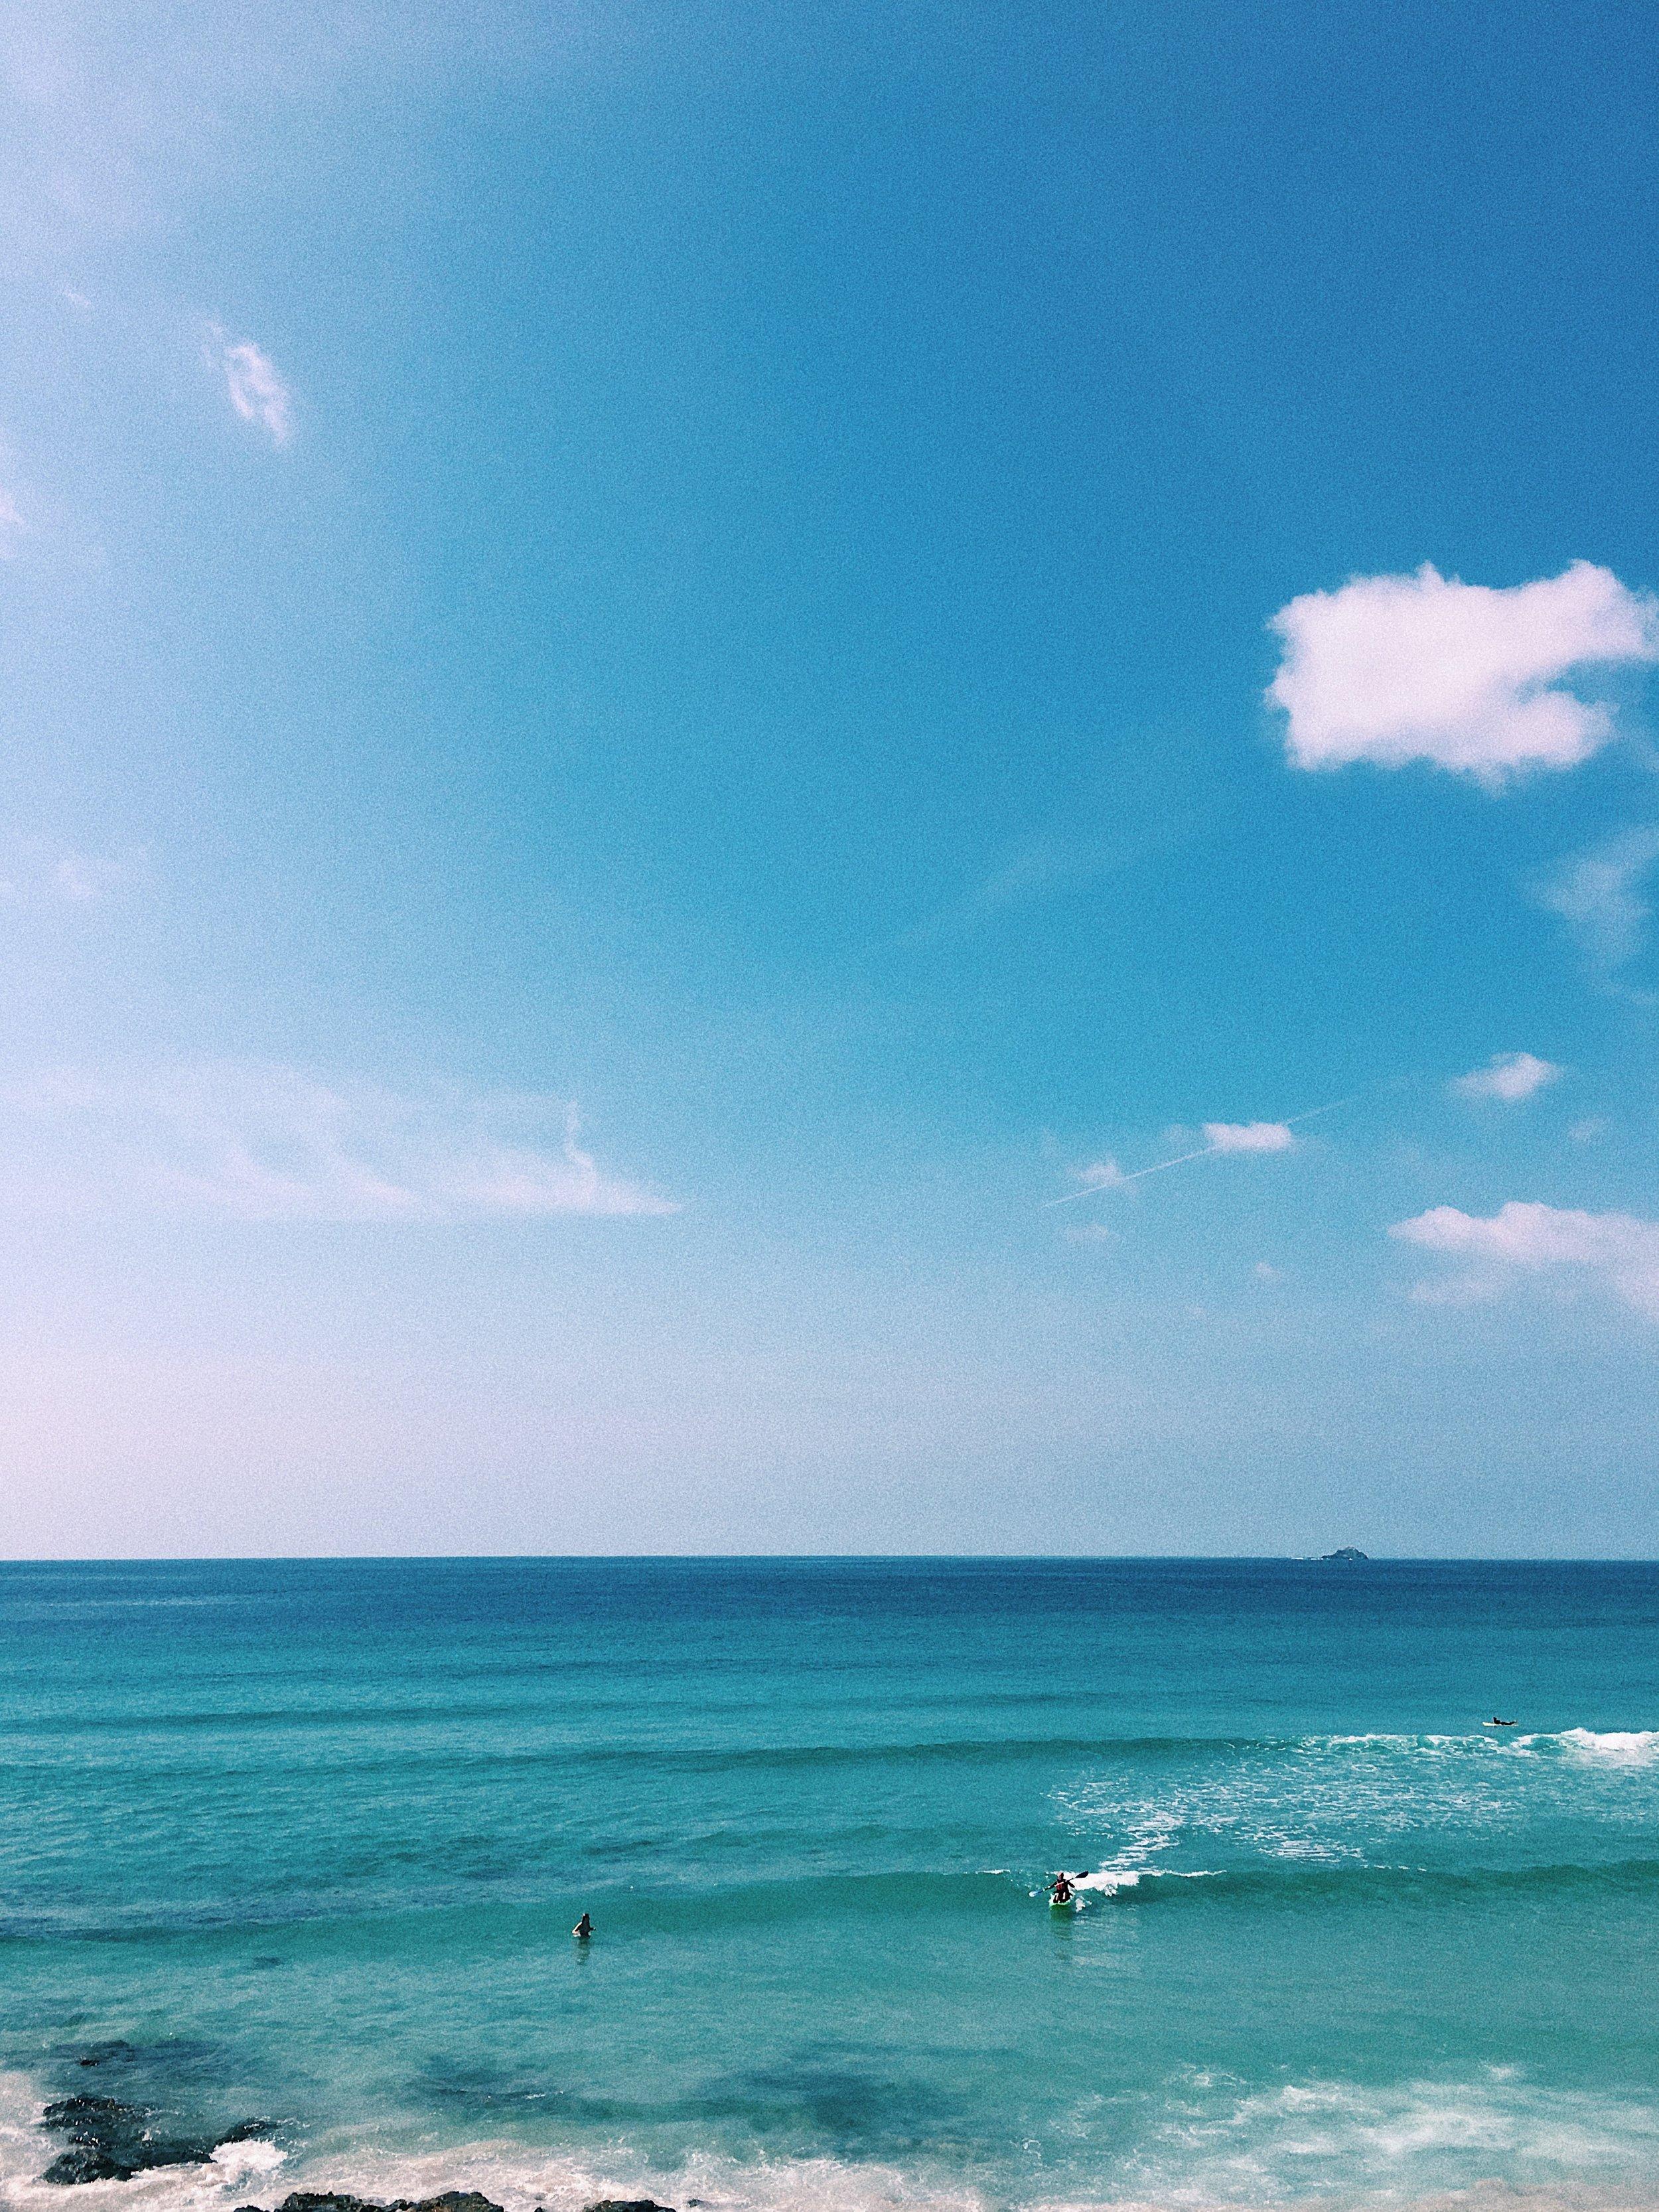 Surfing at Sennen Beach